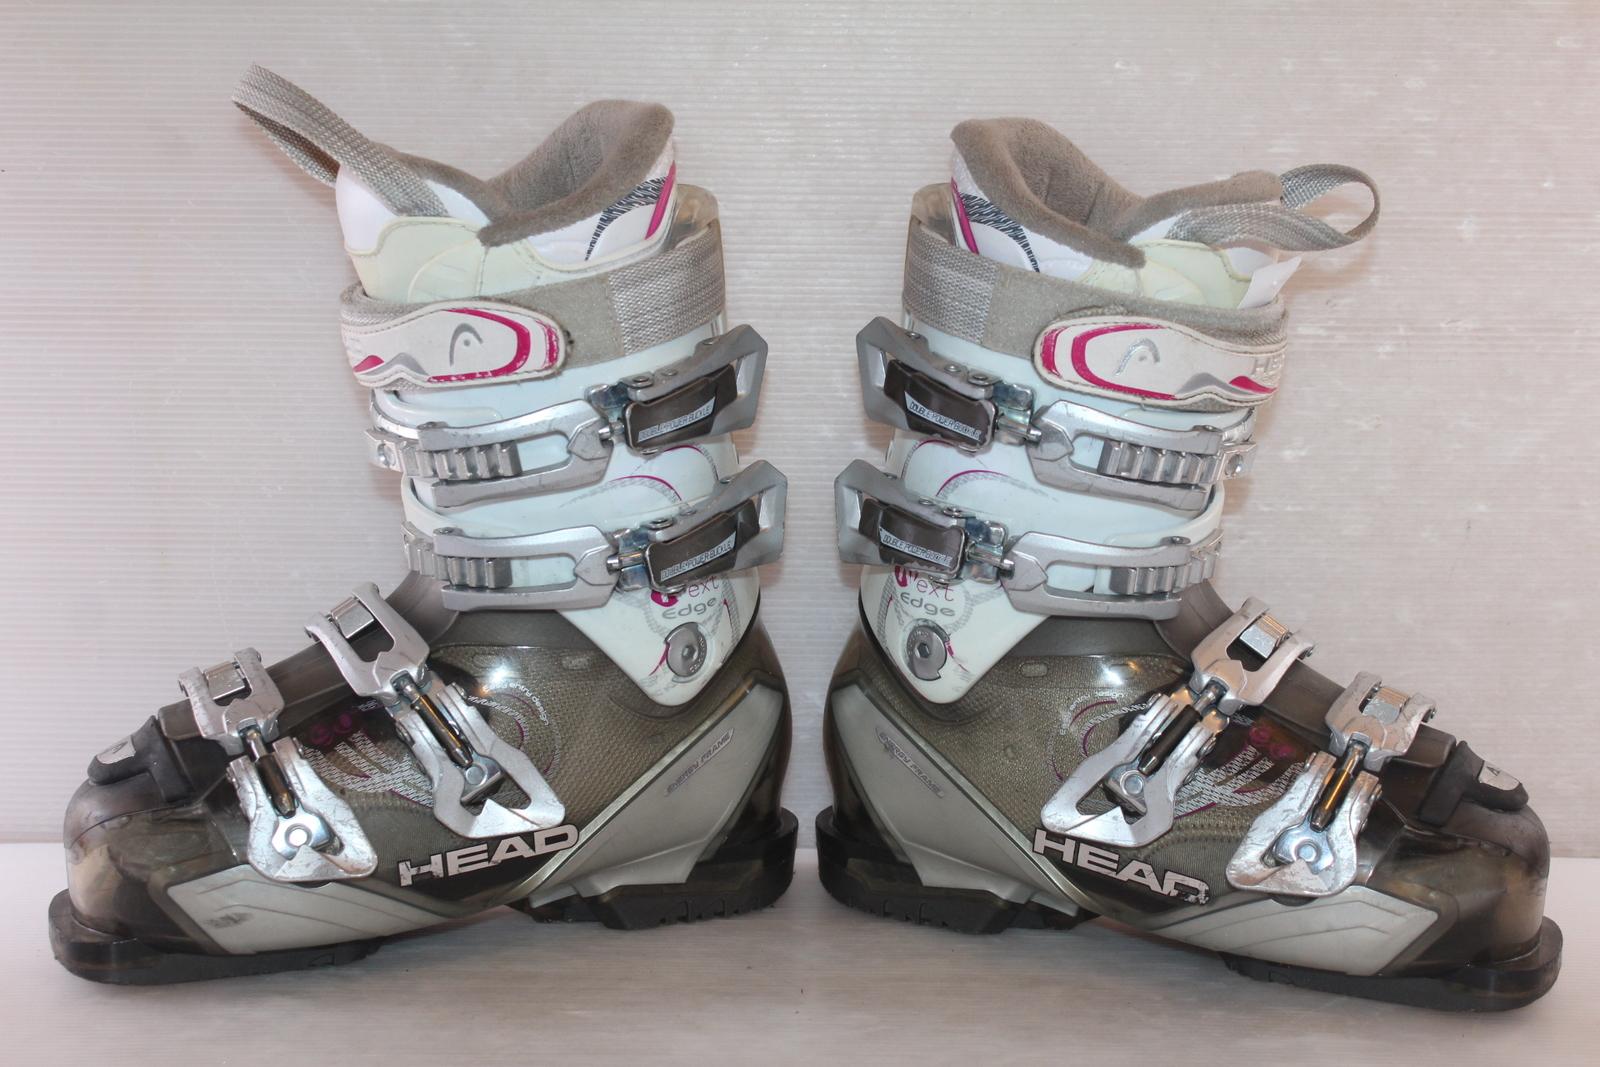 Dámské lyžáky Head NExt Edge vel. EU38.5